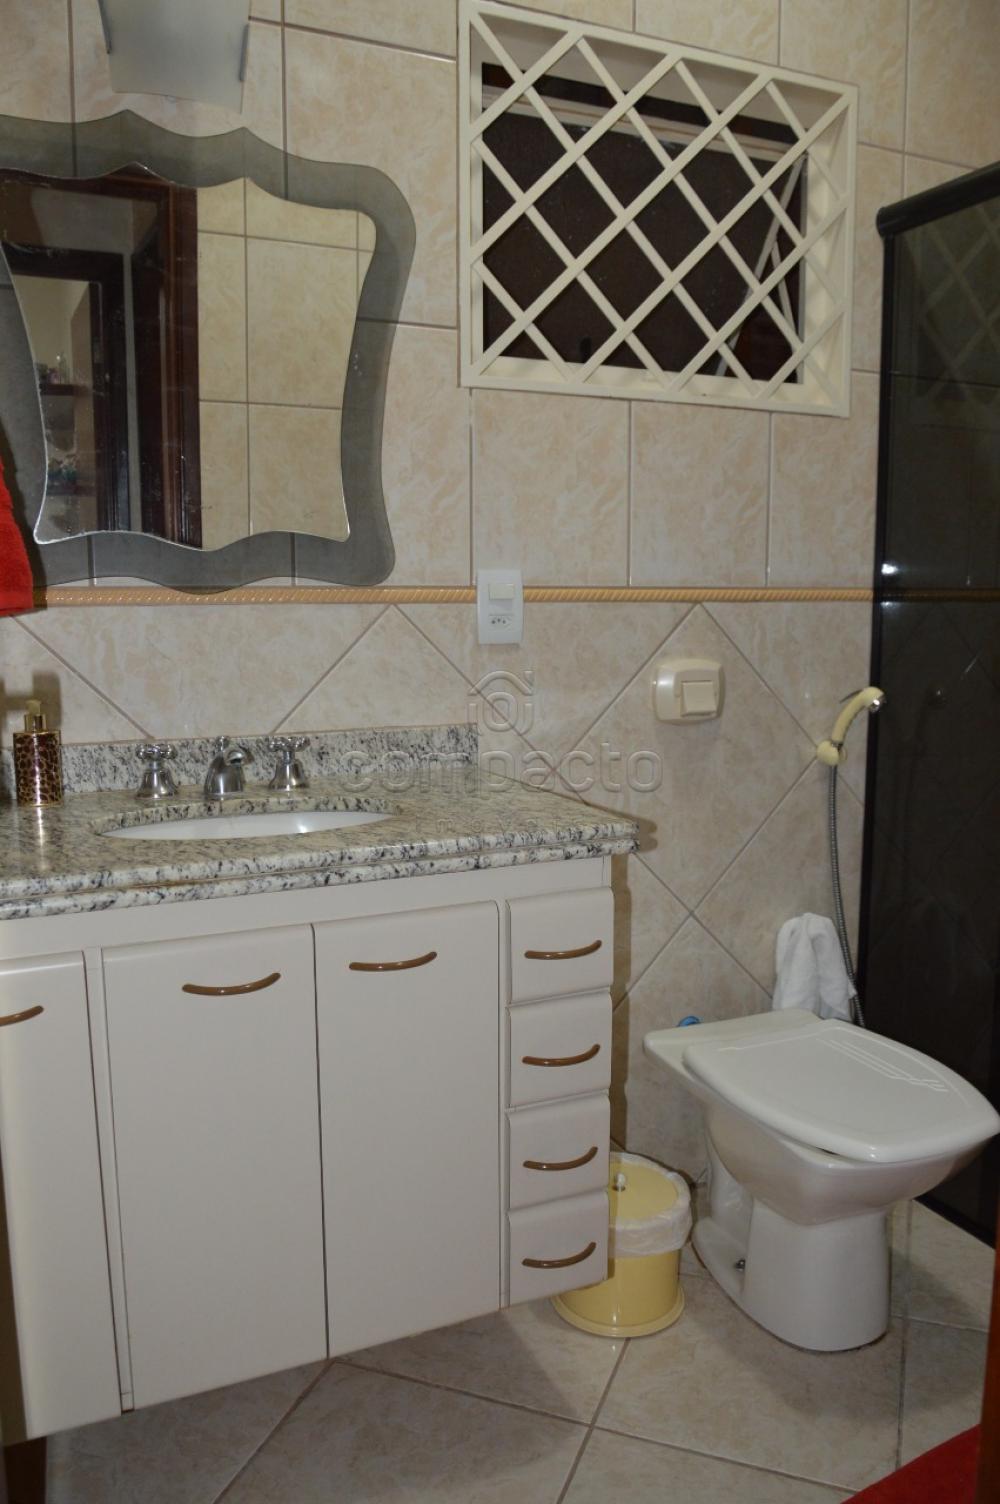 Comprar Casa / Padrão em São José do Rio Preto apenas R$ 780.000,00 - Foto 11